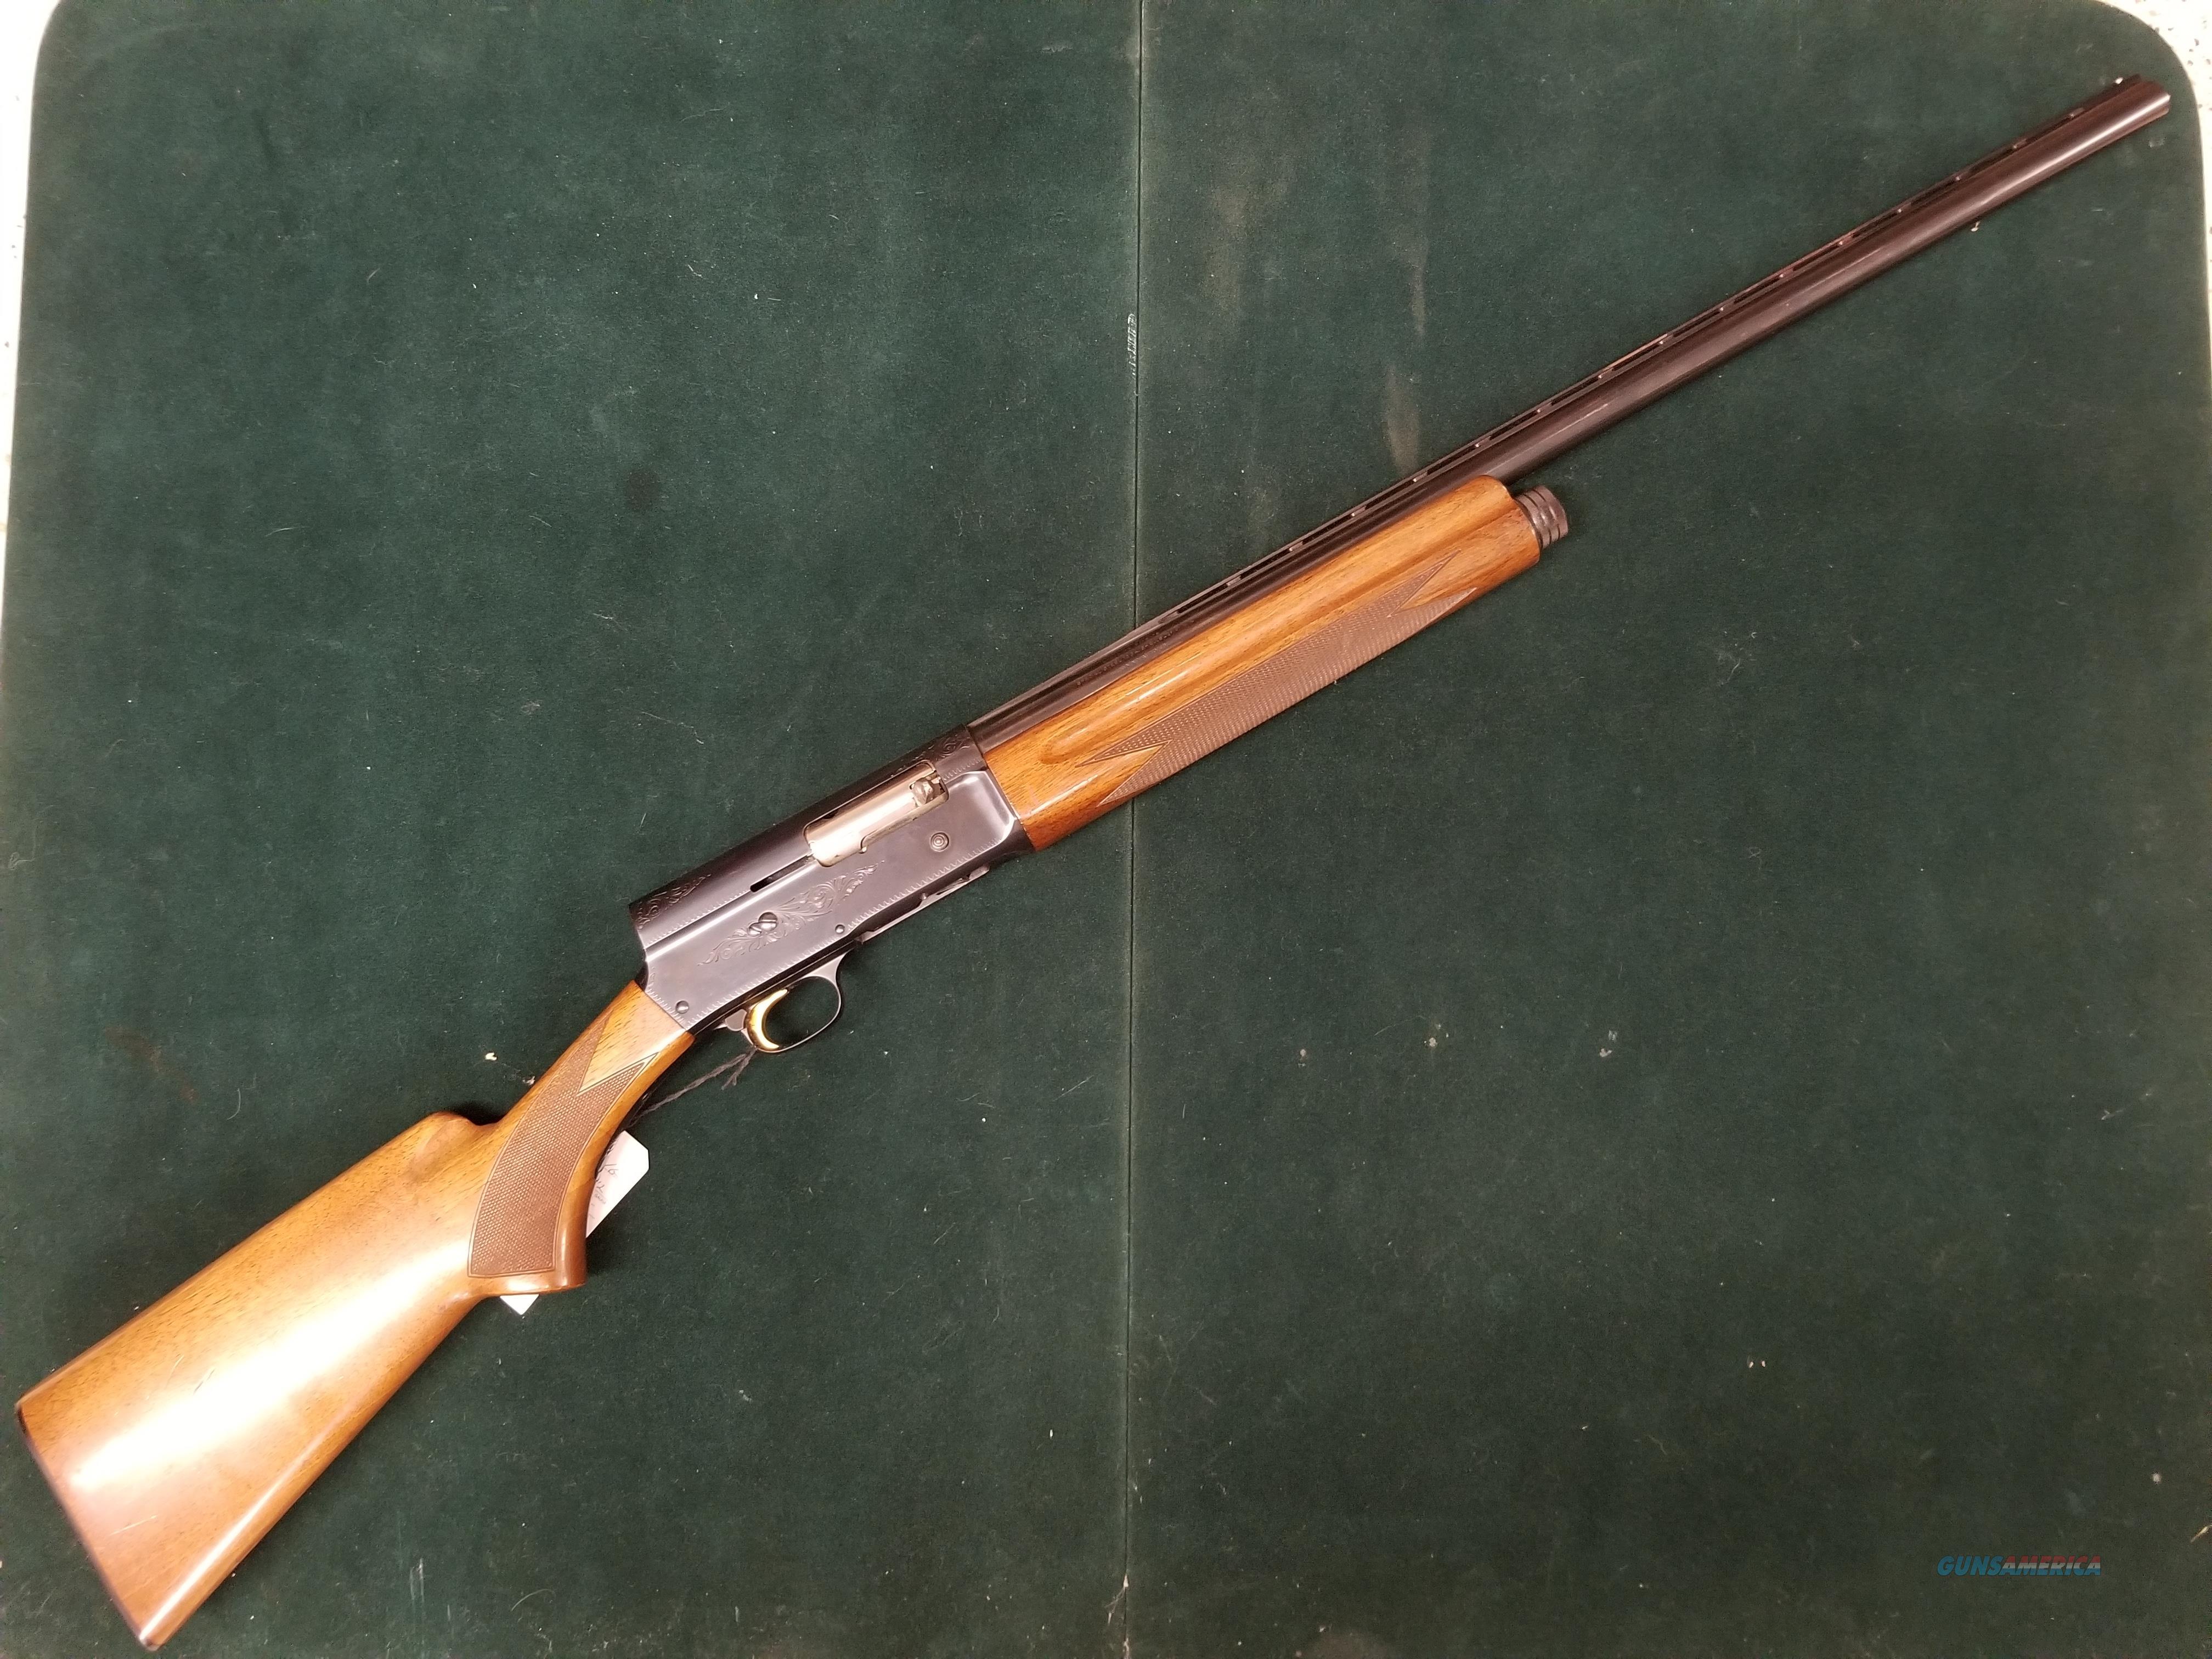 Browning A5 auto Shotgun  Guns > Shotguns > Browning Shotguns > Autoloaders > Hunting